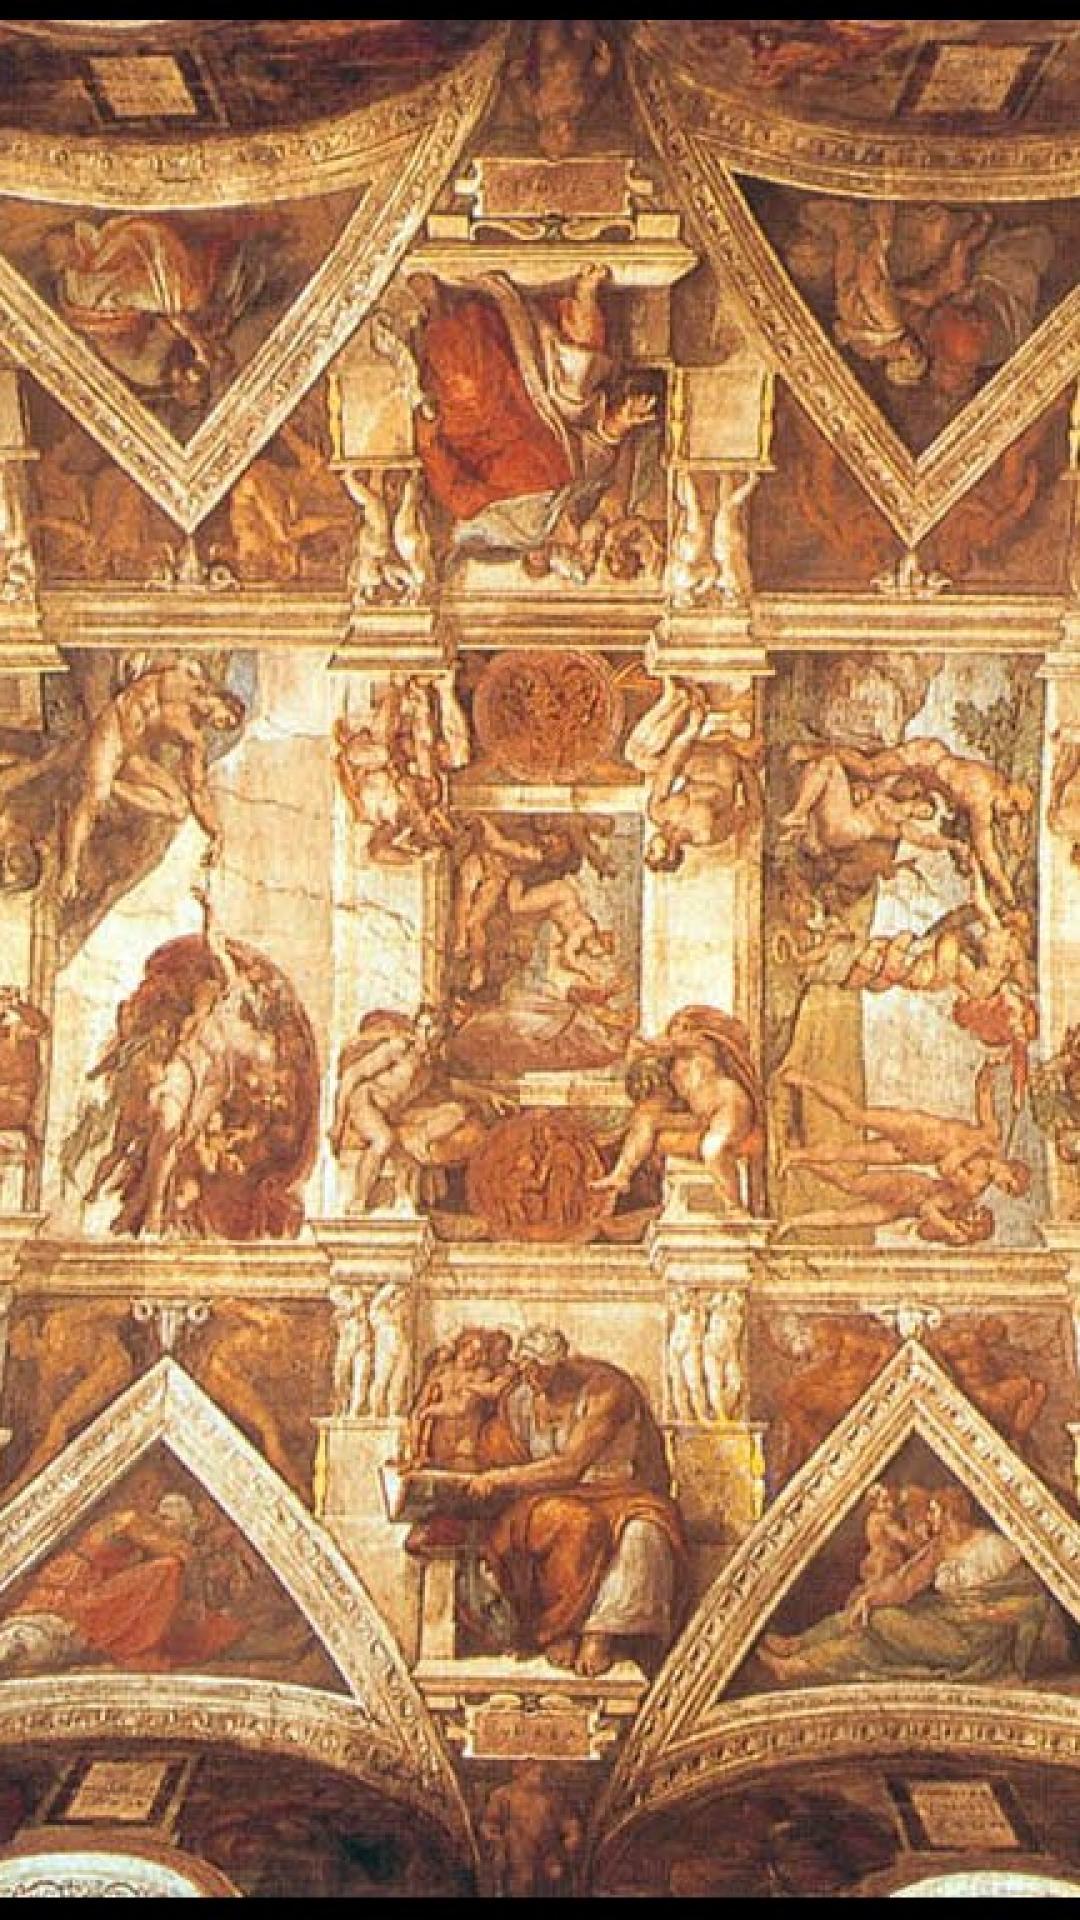 Michelangelo Wallpapers Top Free Michelangelo Backgrounds